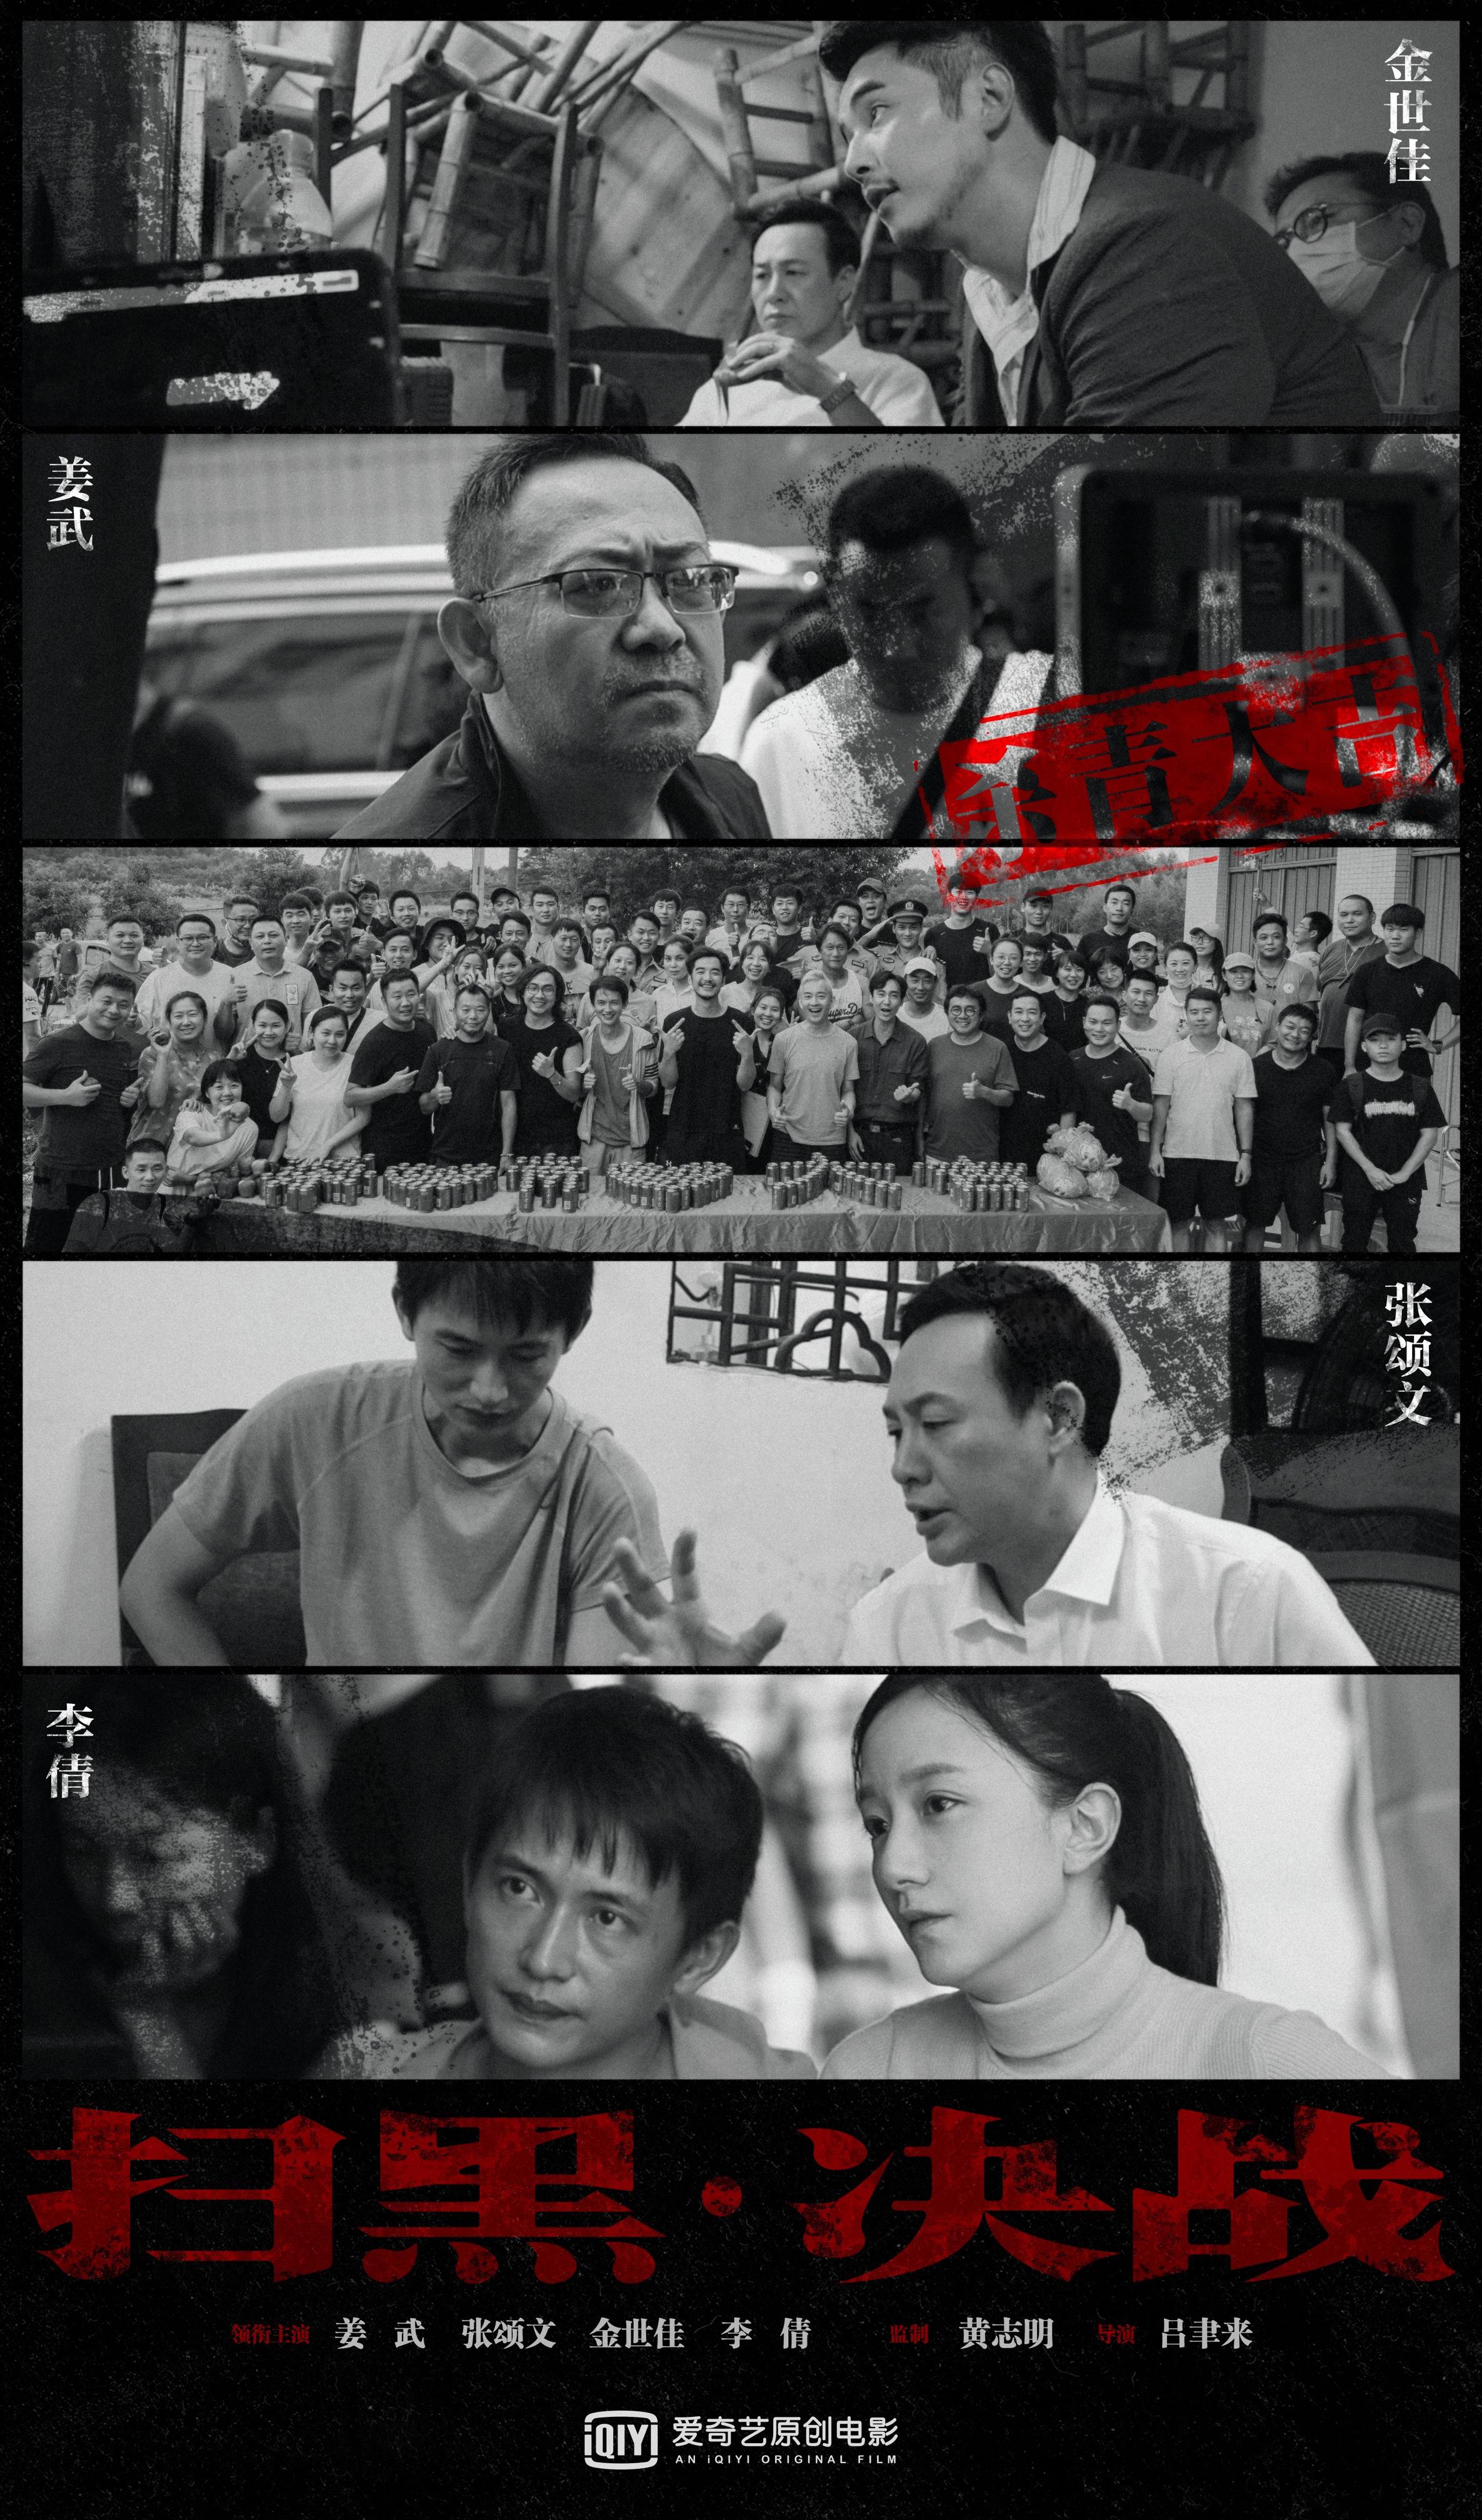 《扫黑·决战》杀青首曝剧照 姜武张颂文演技对决 第1张